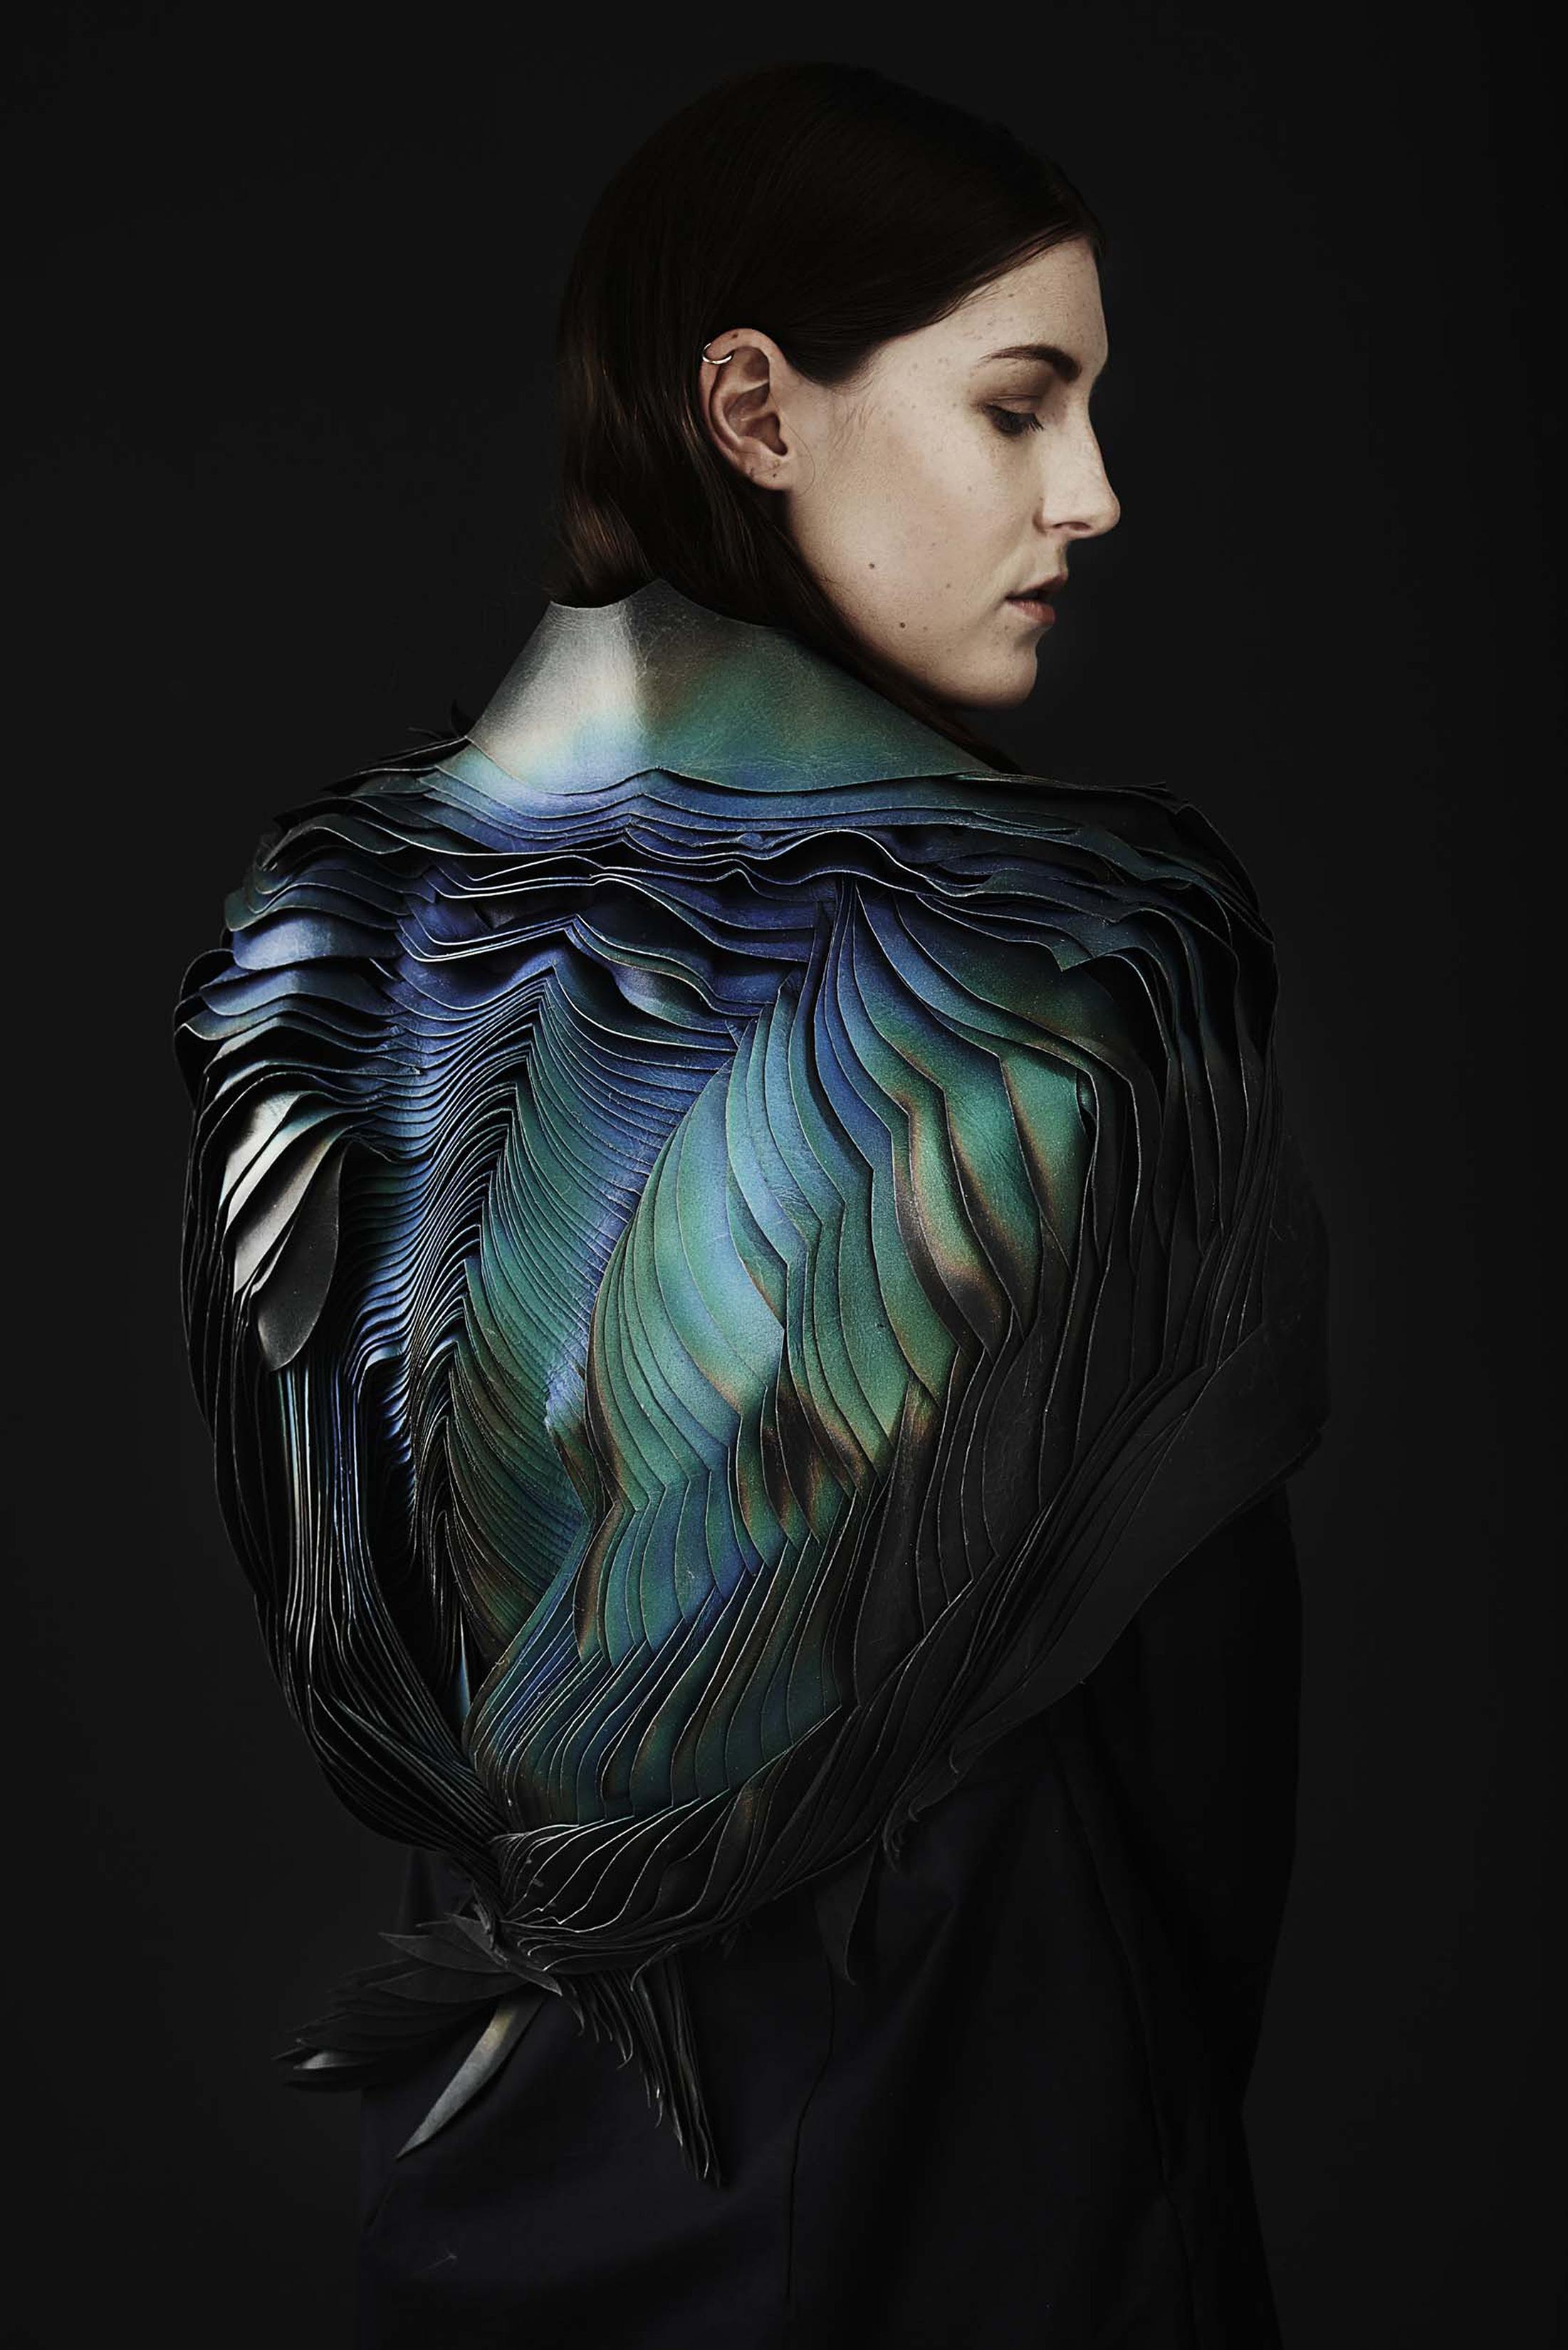 """Capa """"Air"""", Coleção """"The Unseen"""", por Lauren Bowker, 2014. Couro."""